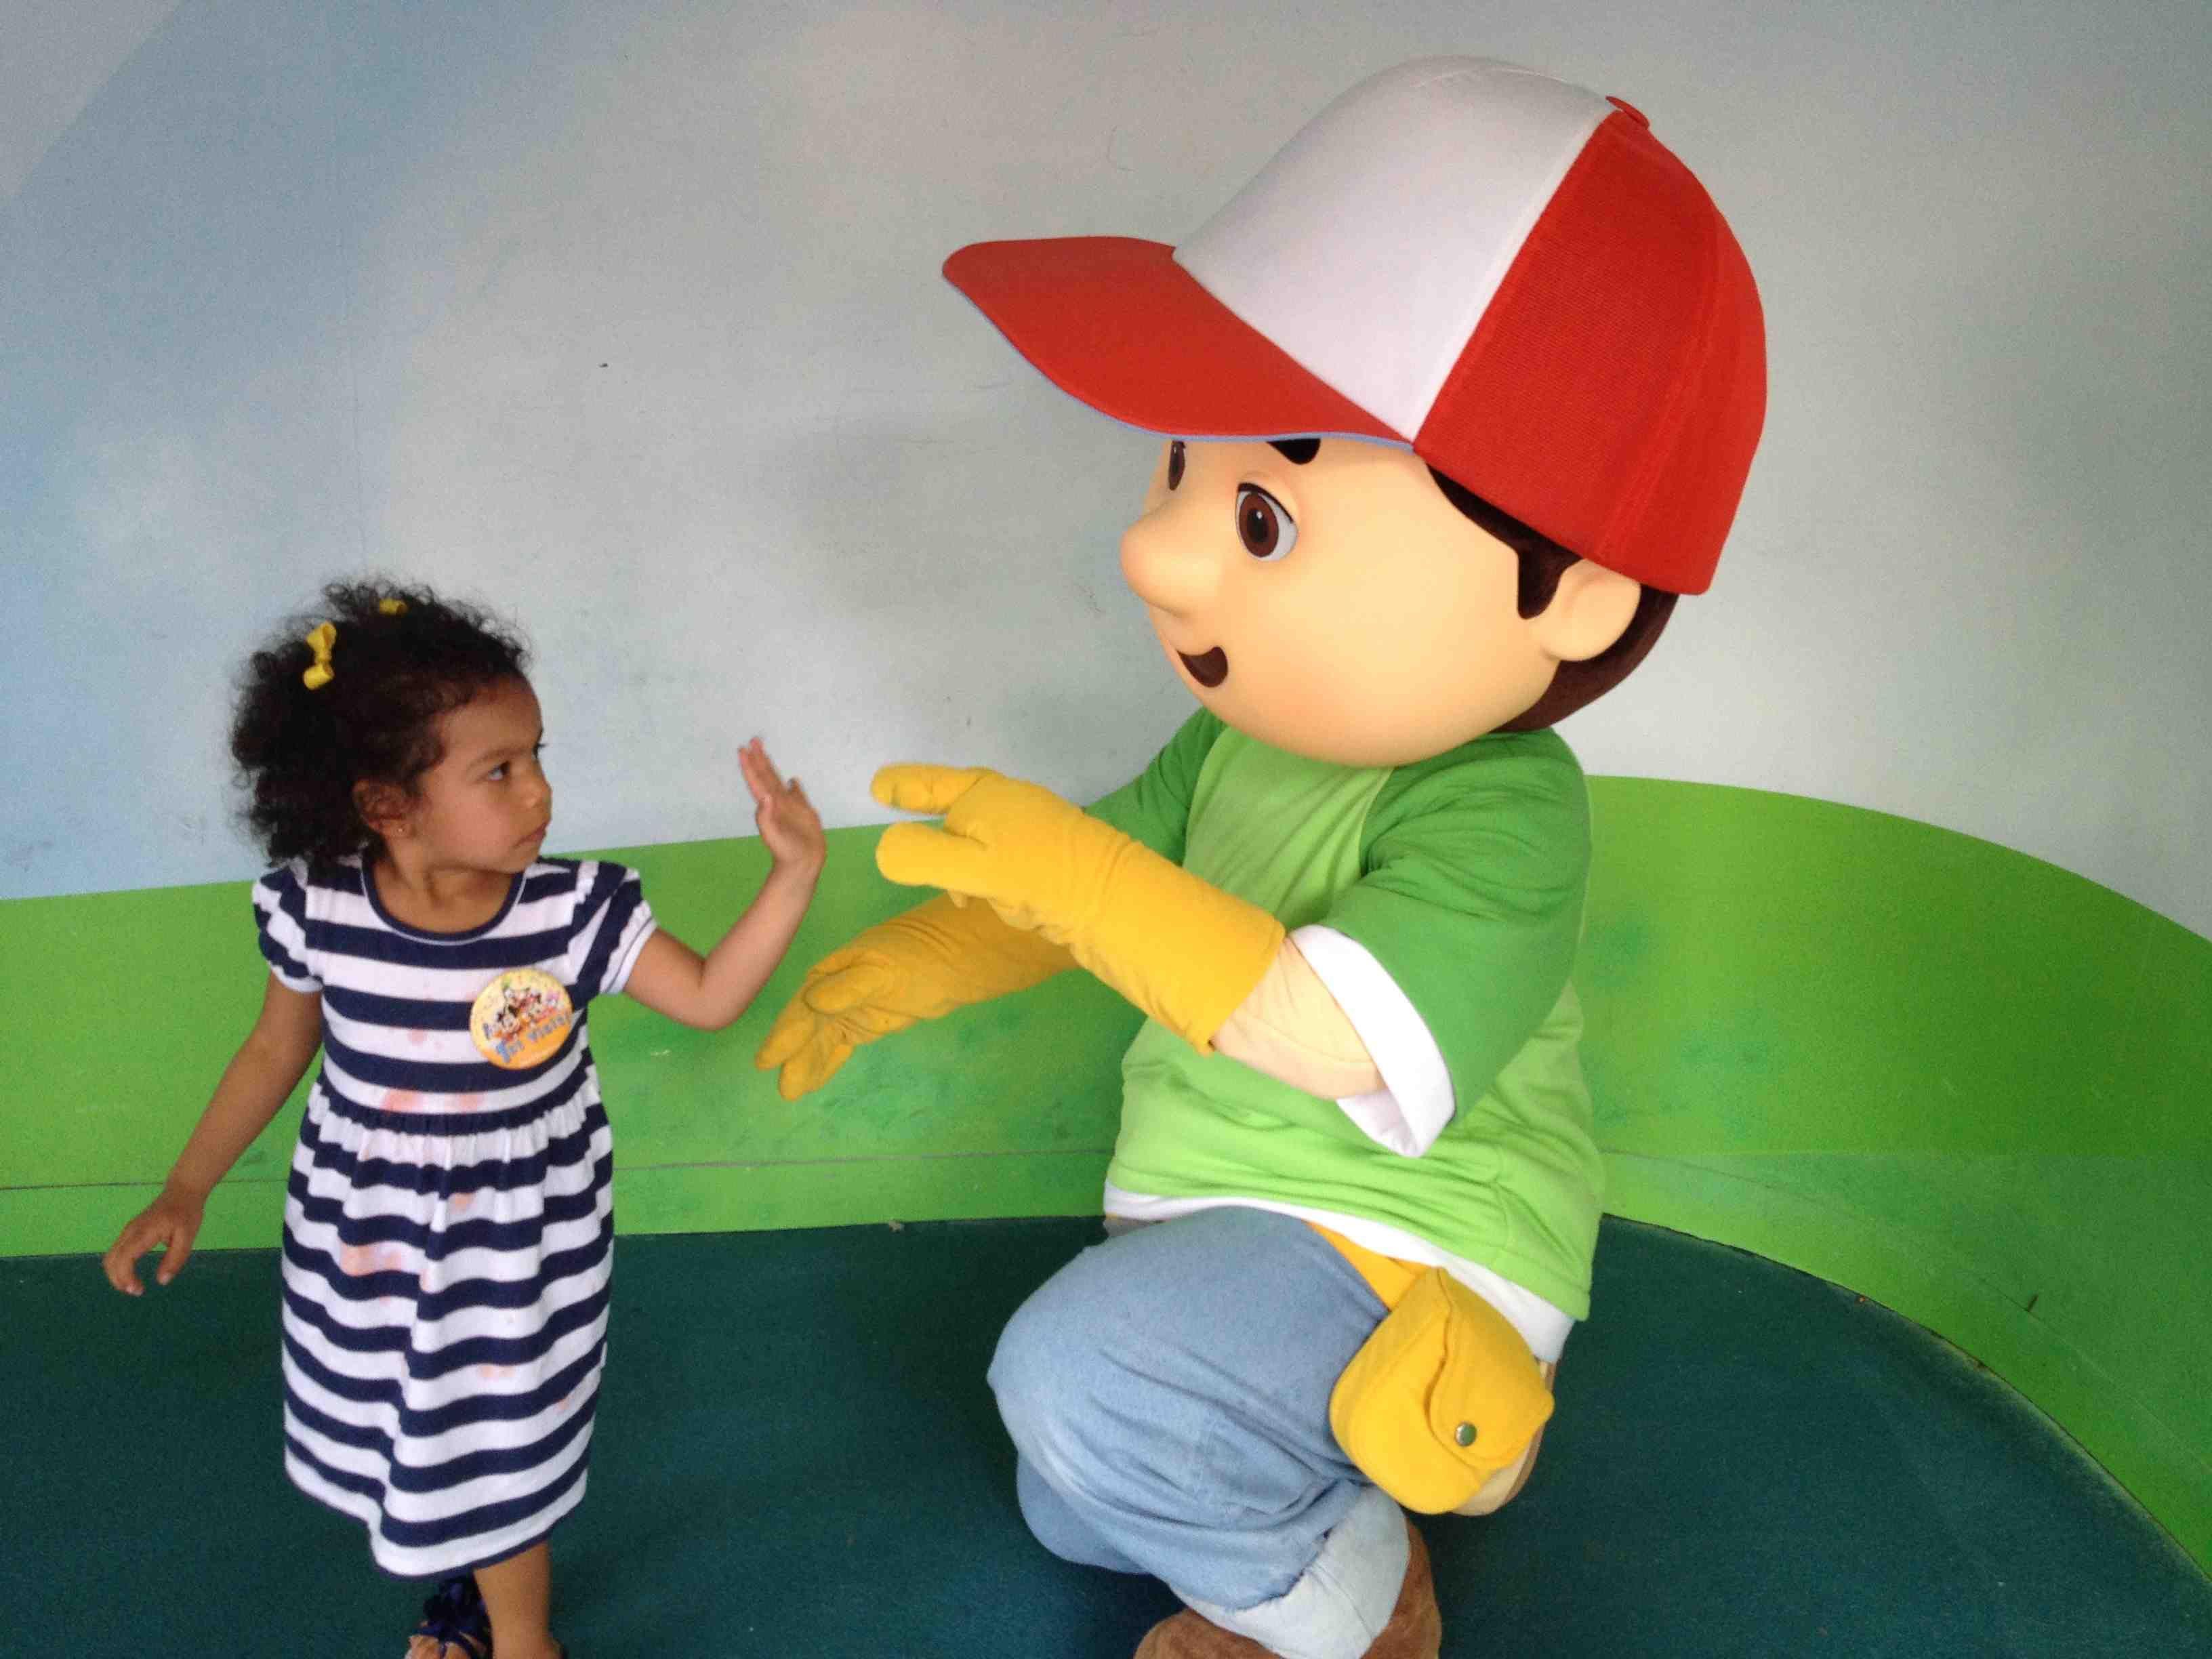 Being #Cool with Handy Manny. ¿Qué les parece el saludo? #DisneyMagic #LaFamiliaCool